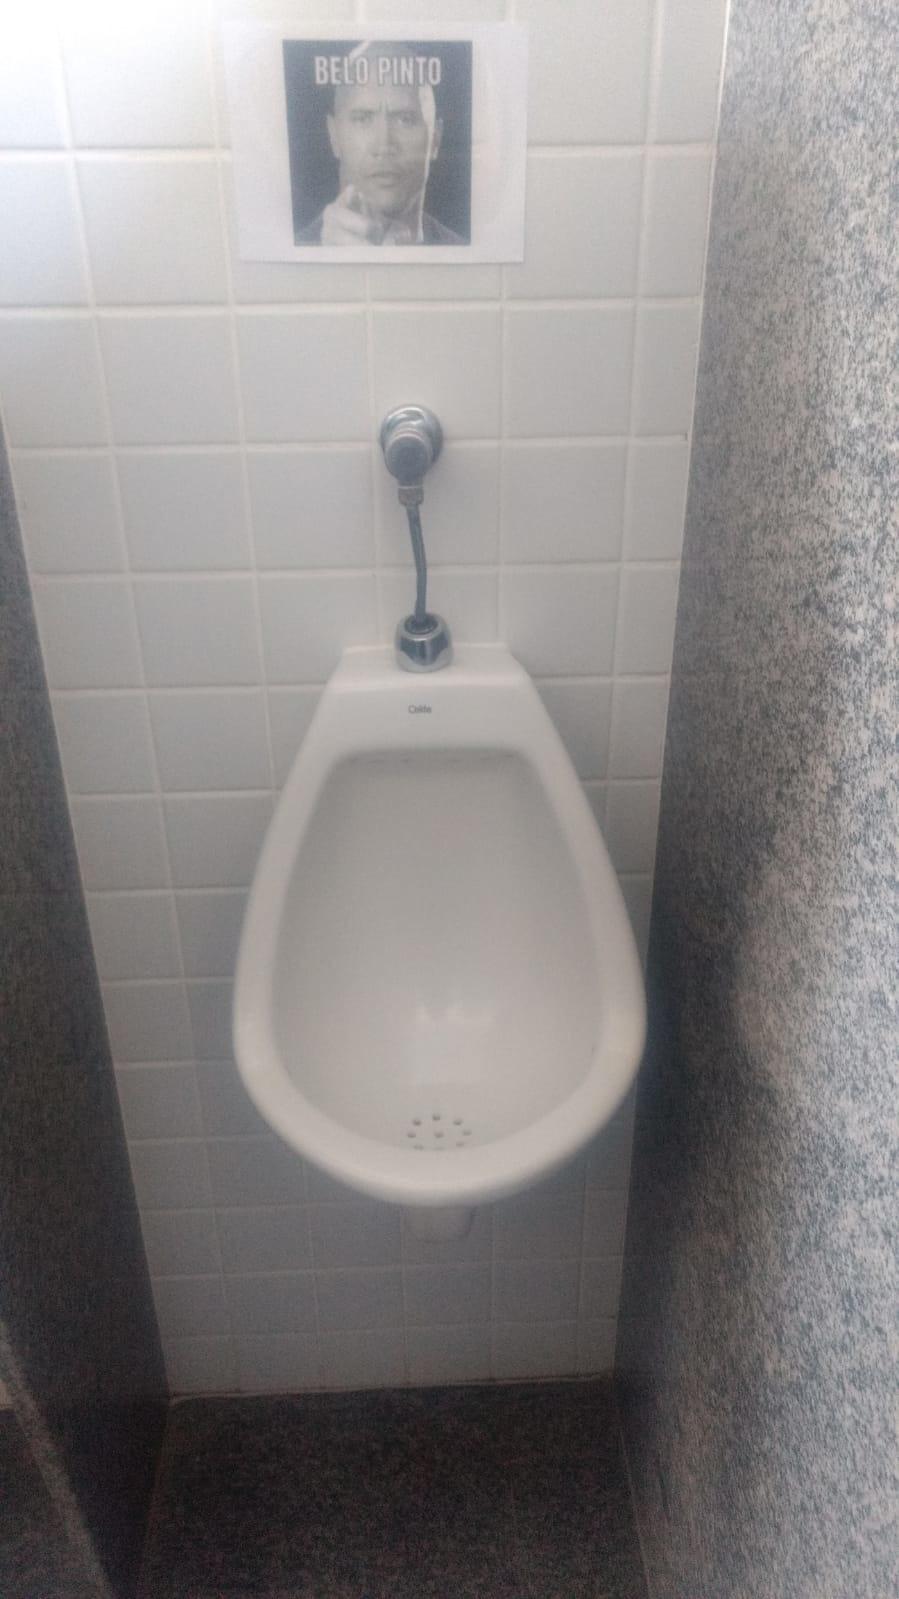 Banheiro masculino em locais públicos - meme